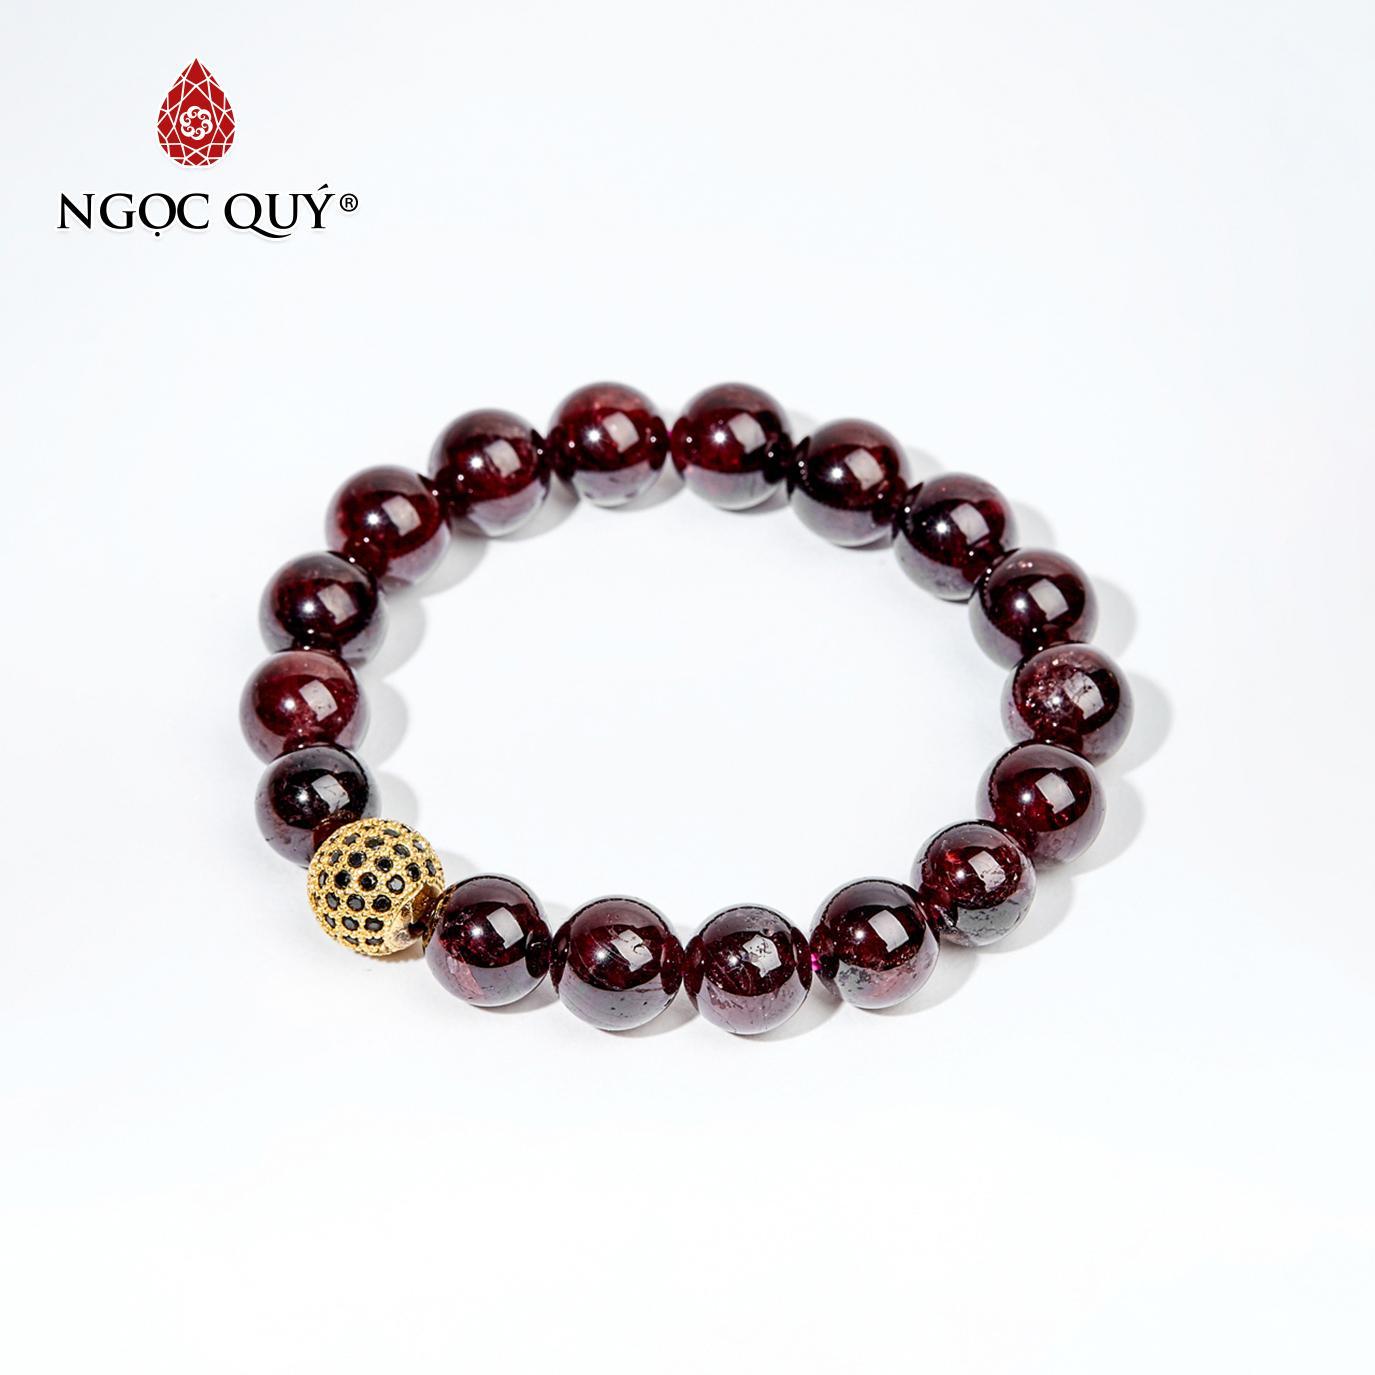 Vòng Tay Đá Garnet Phối Cầu Mệnh Hoả, Thổ 10mm (màu đỏ mận) - Ngọc Quý Gemstones